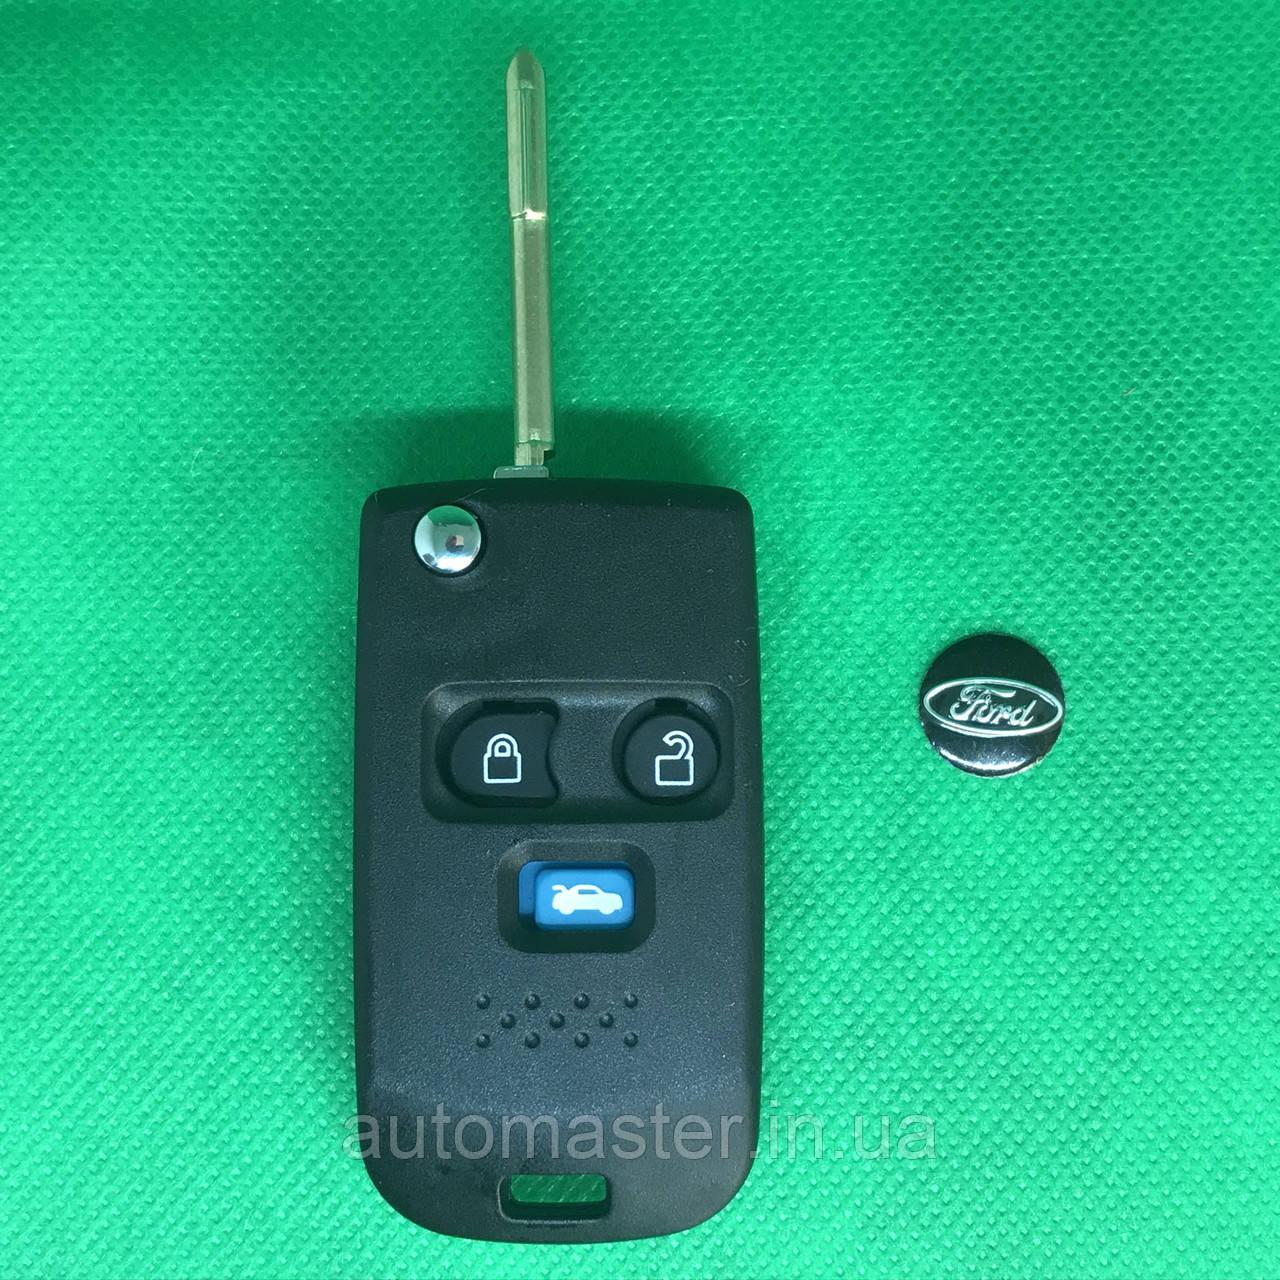 Корпус выкидного ключа для Ford (Форд) Transit под переделку, 3 кнопки